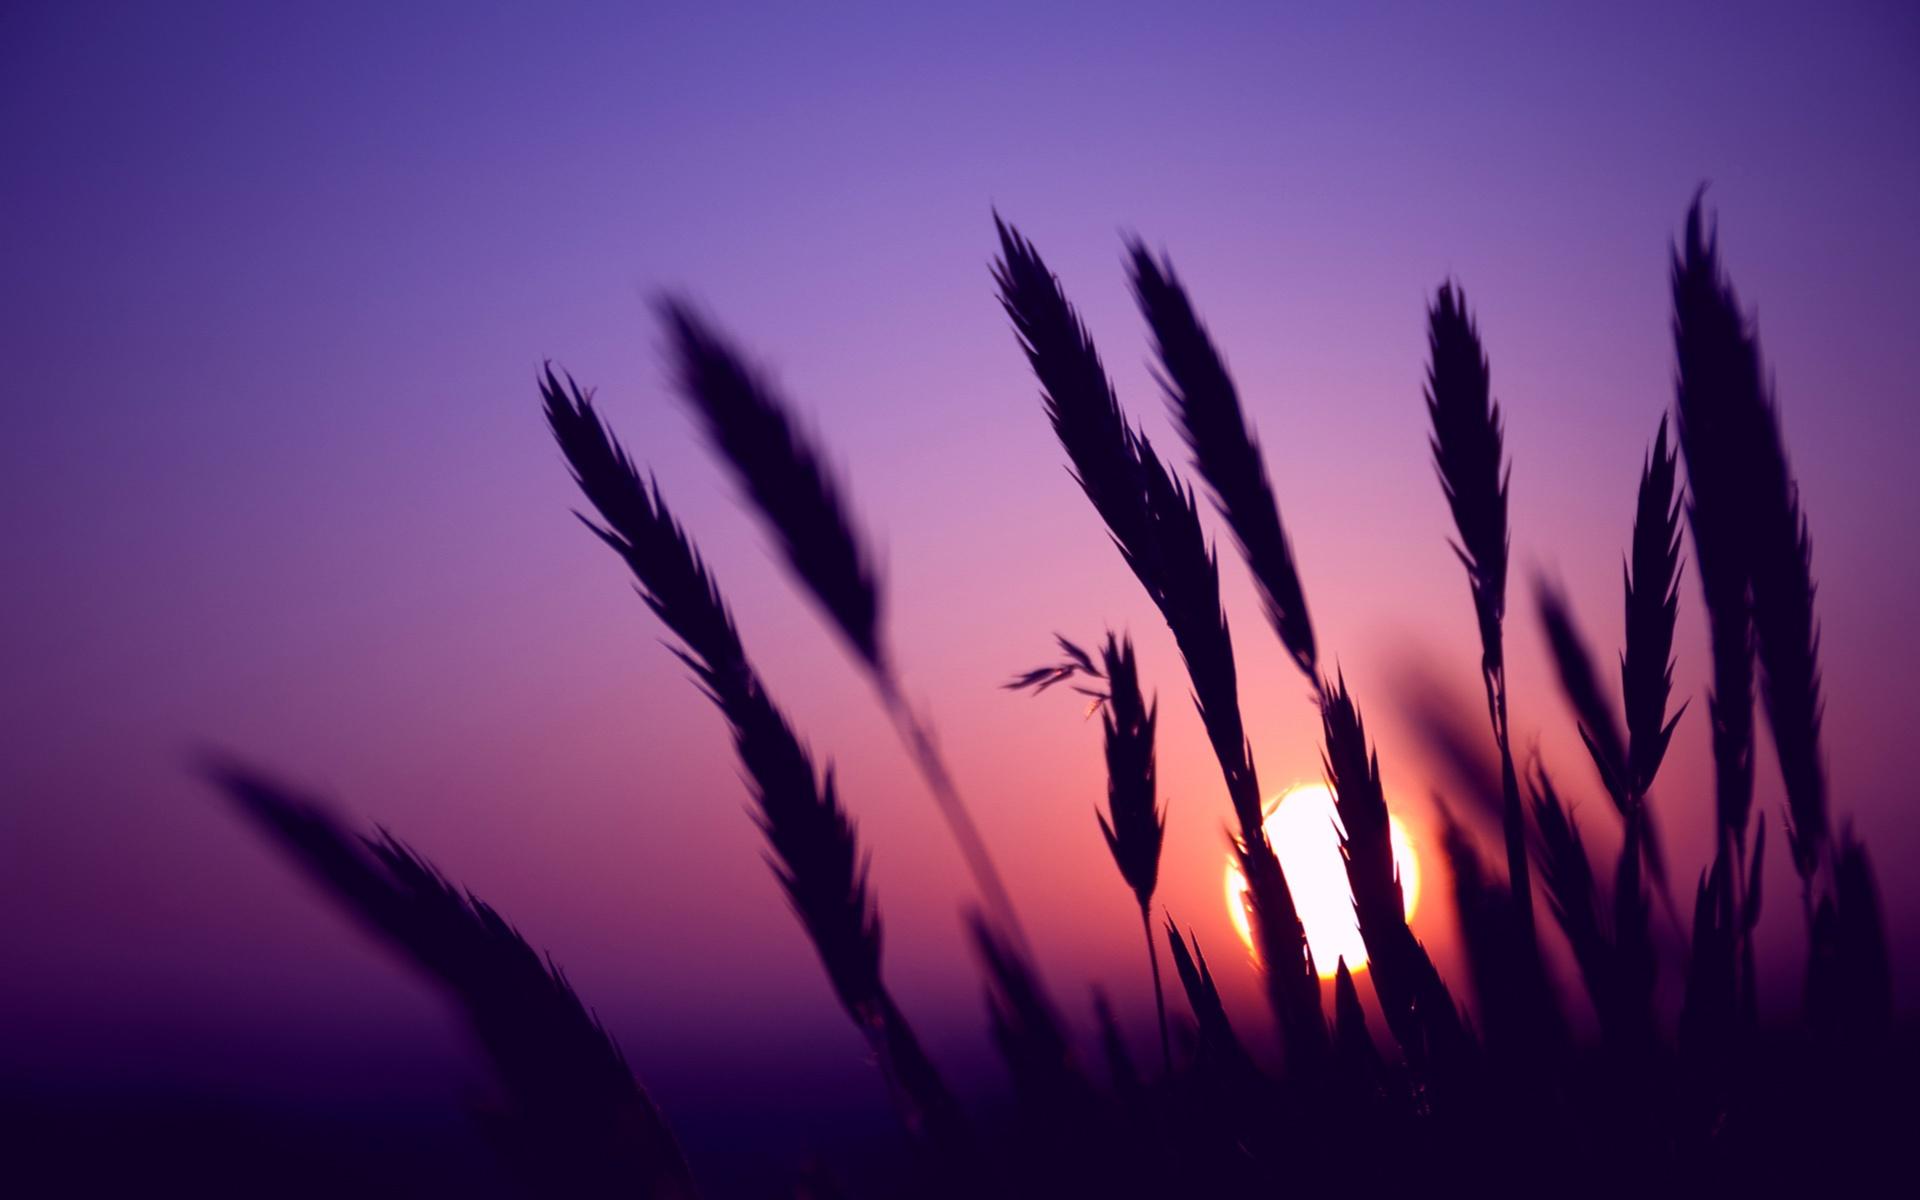 Grass, Sunset wallpaper